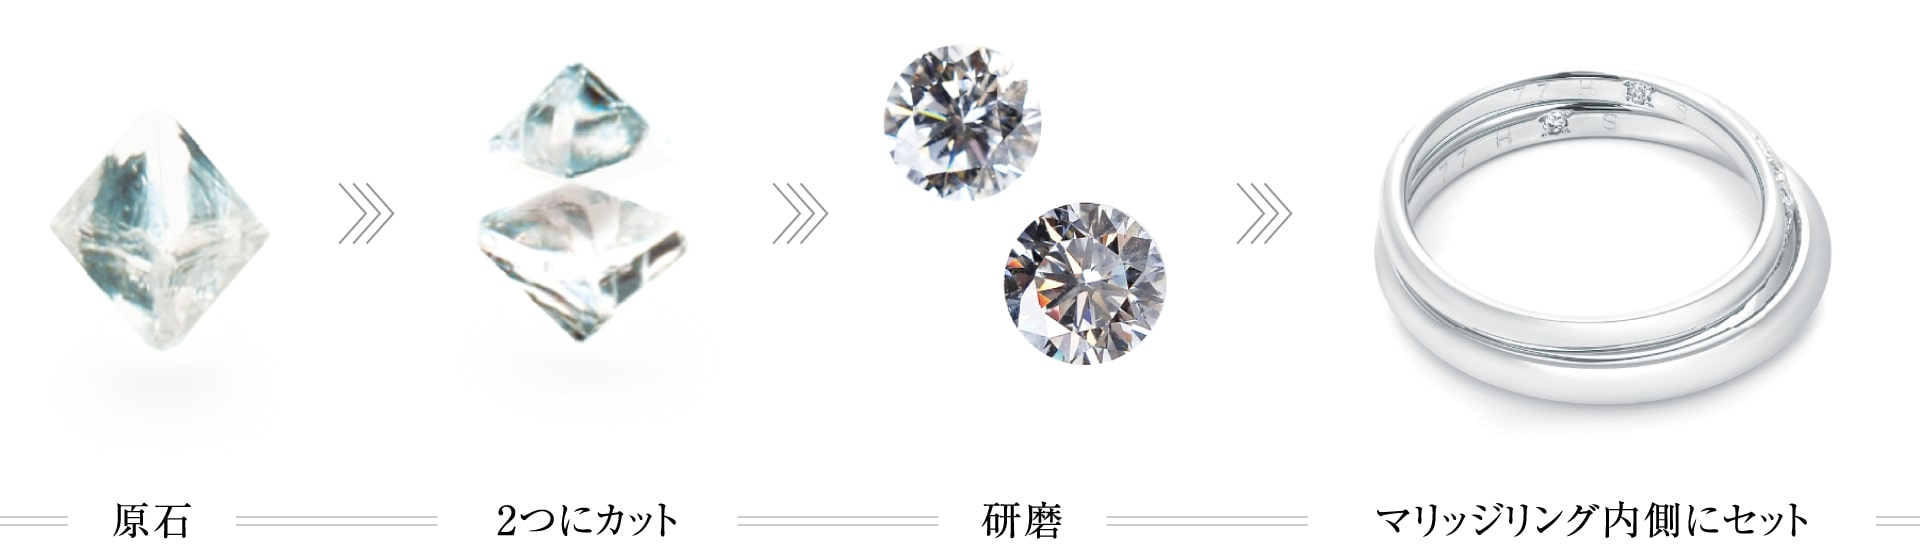 ペアのダイヤ